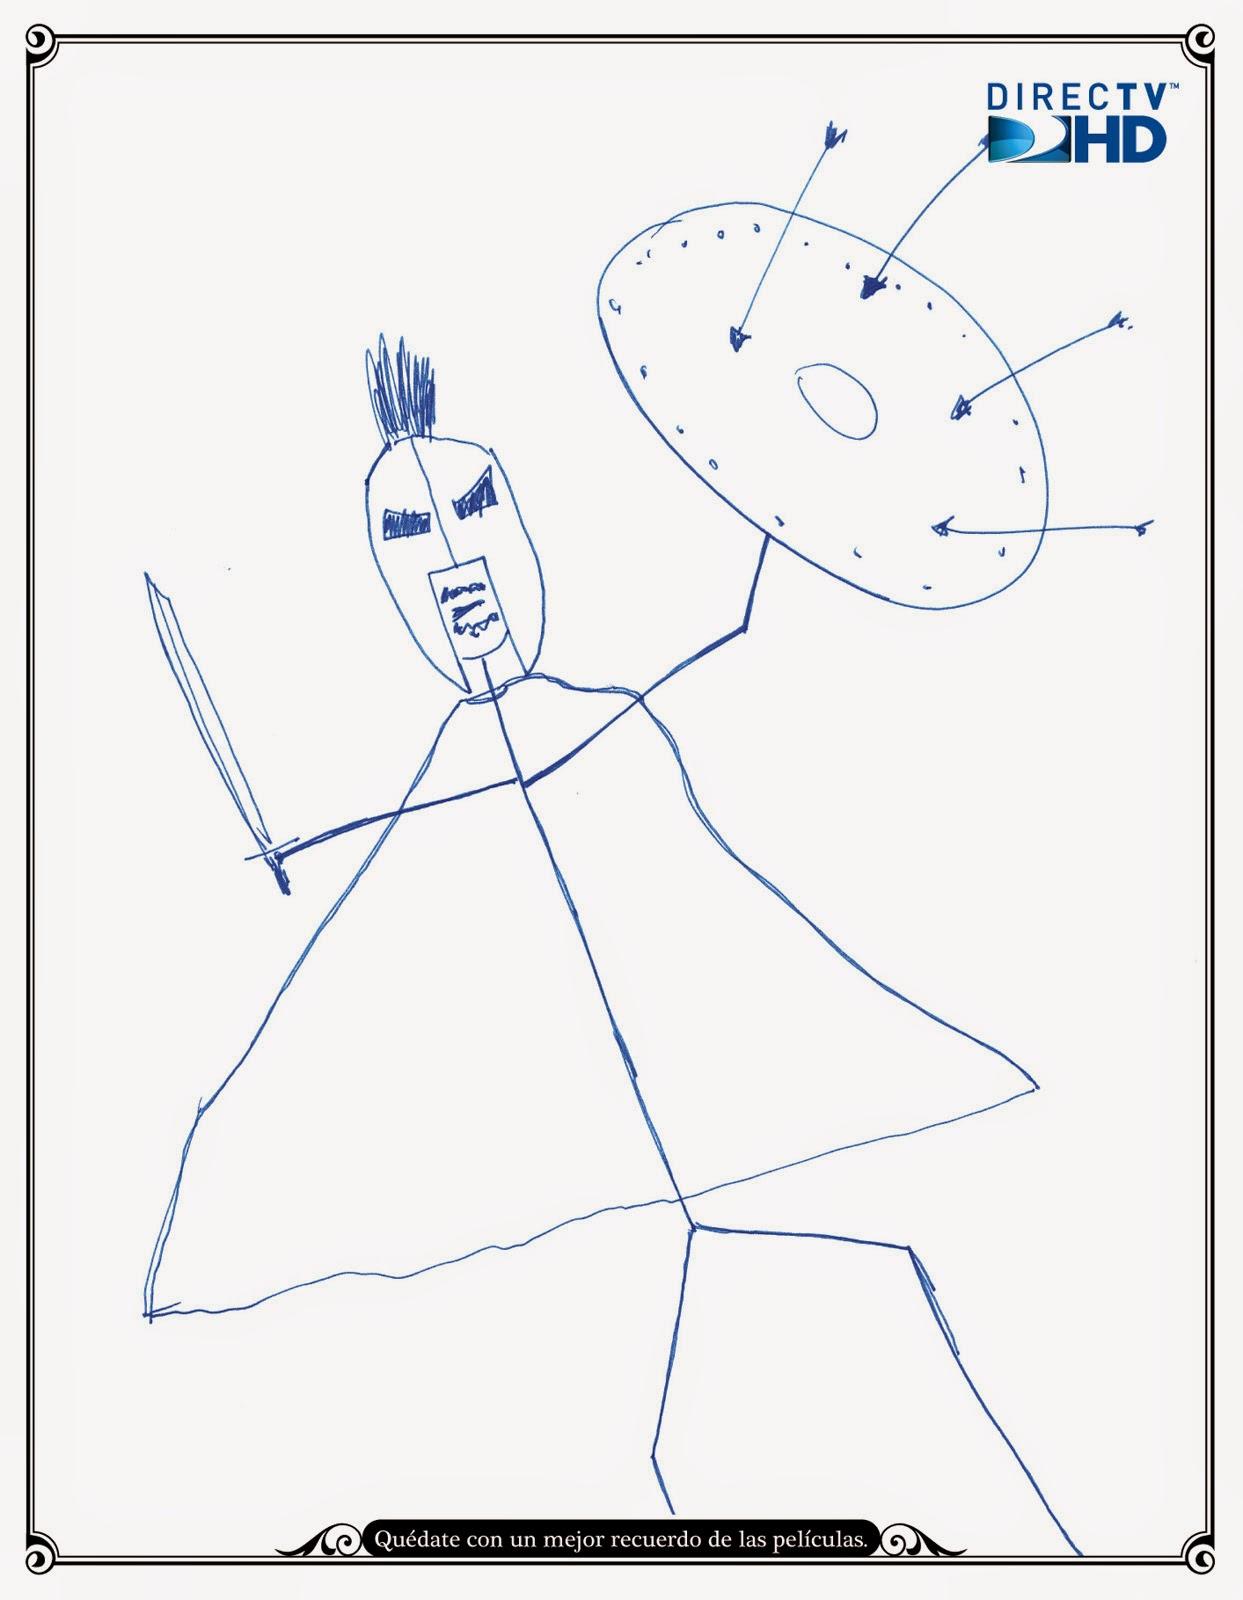 elemen unsur desain grafis komunikasi visual dekave dkv ilmu komunikasi teori penerapan contoh pengertian definisi jenis macam arti menurut ahli bahan materi kuliah skripsi tugas akhir karya ilmiah portofolio cara membuat proses